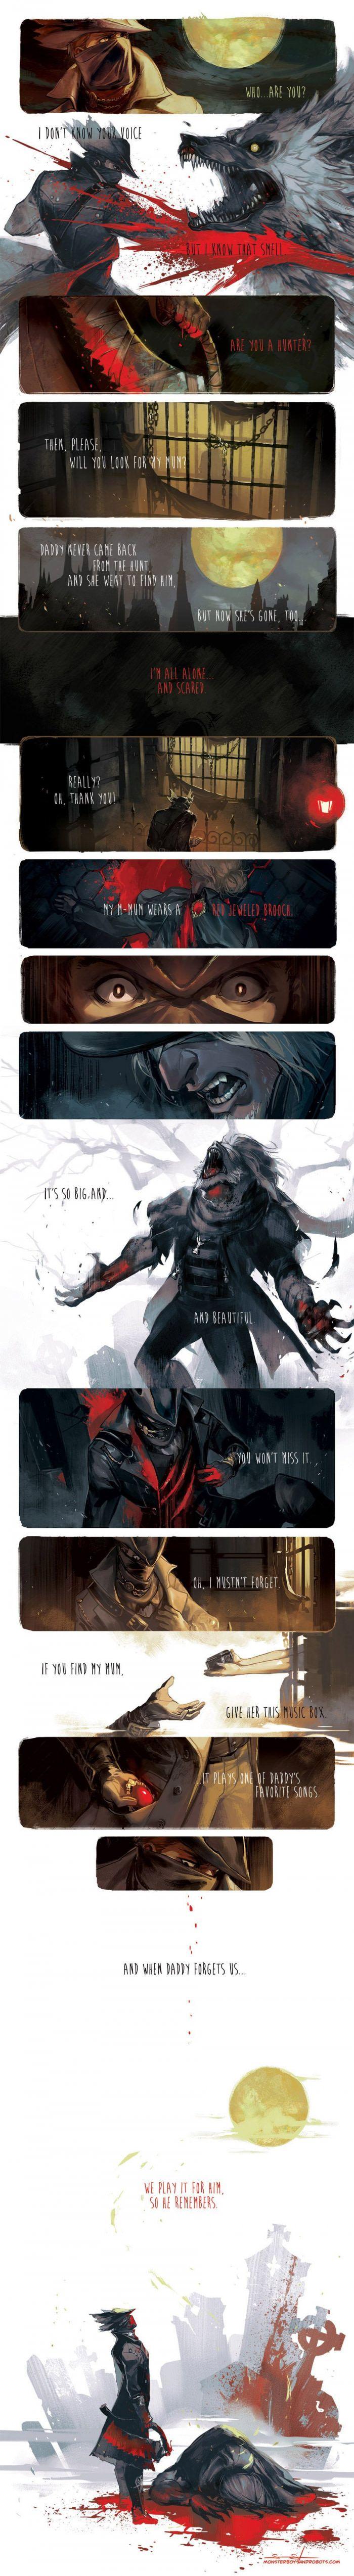 Bloodborne...another cruel tragedy